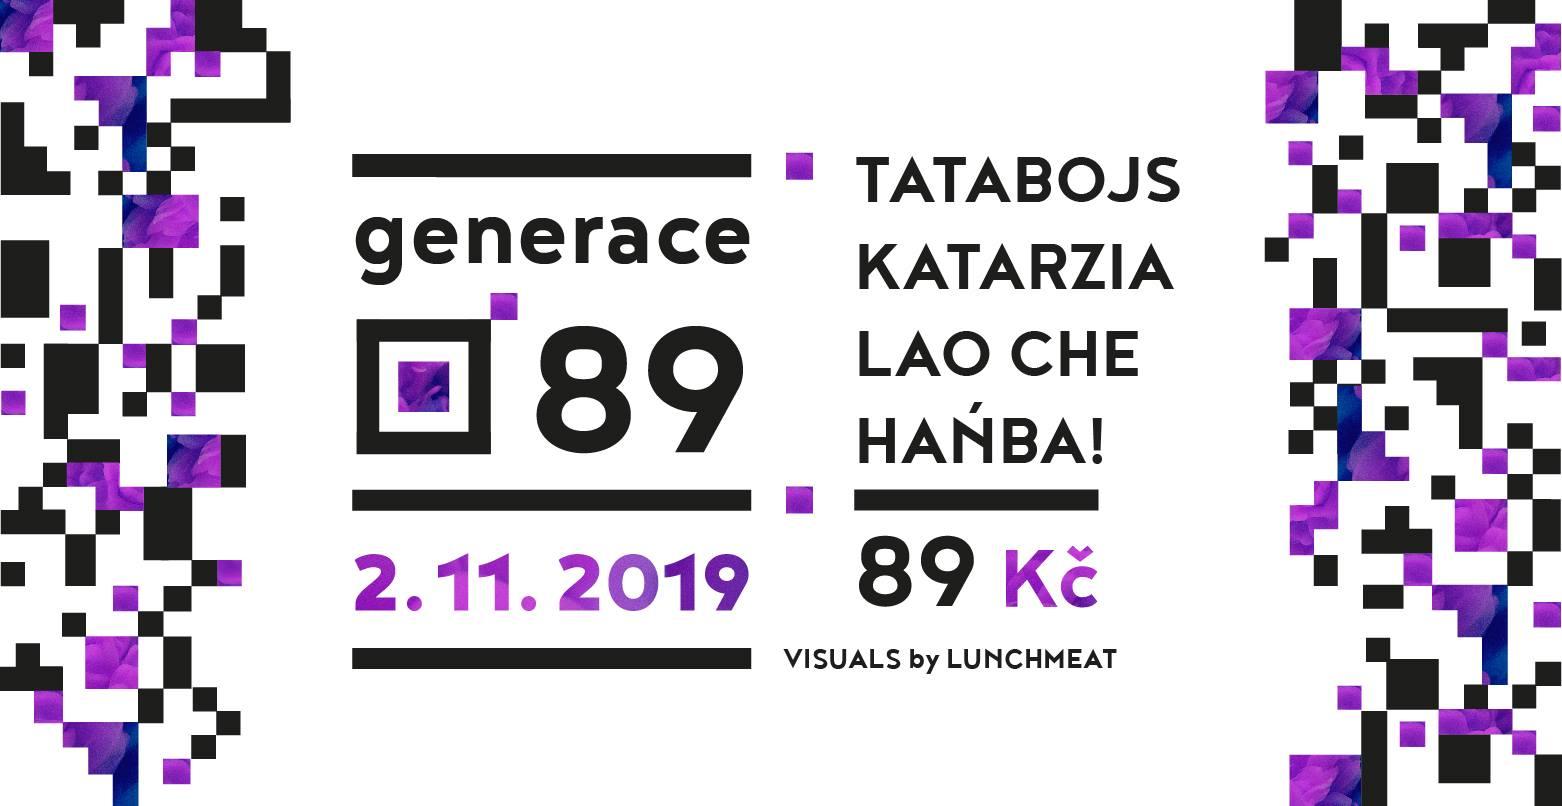 Generace 89